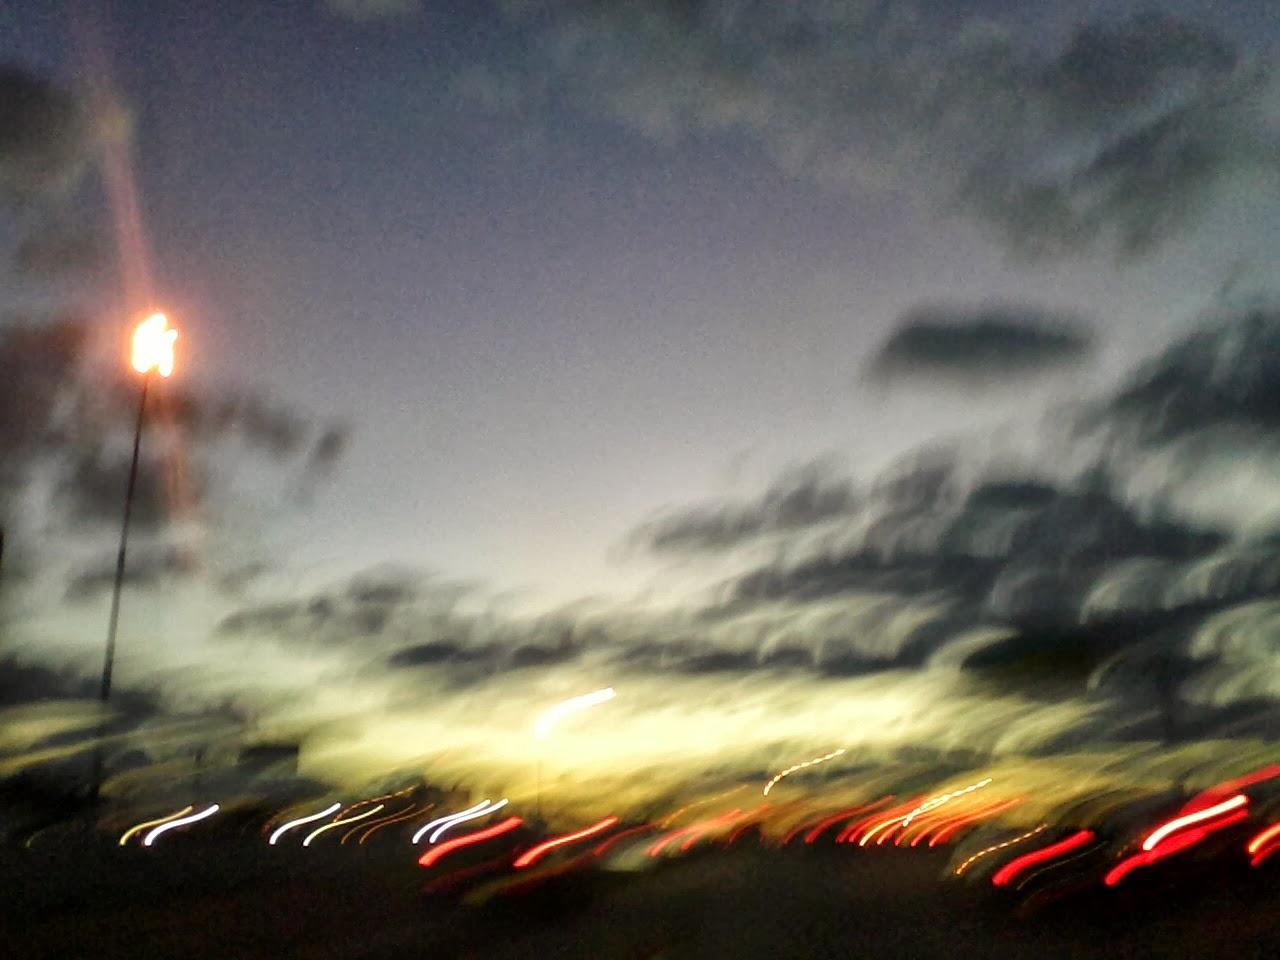 Sky - 1010070321.jpg